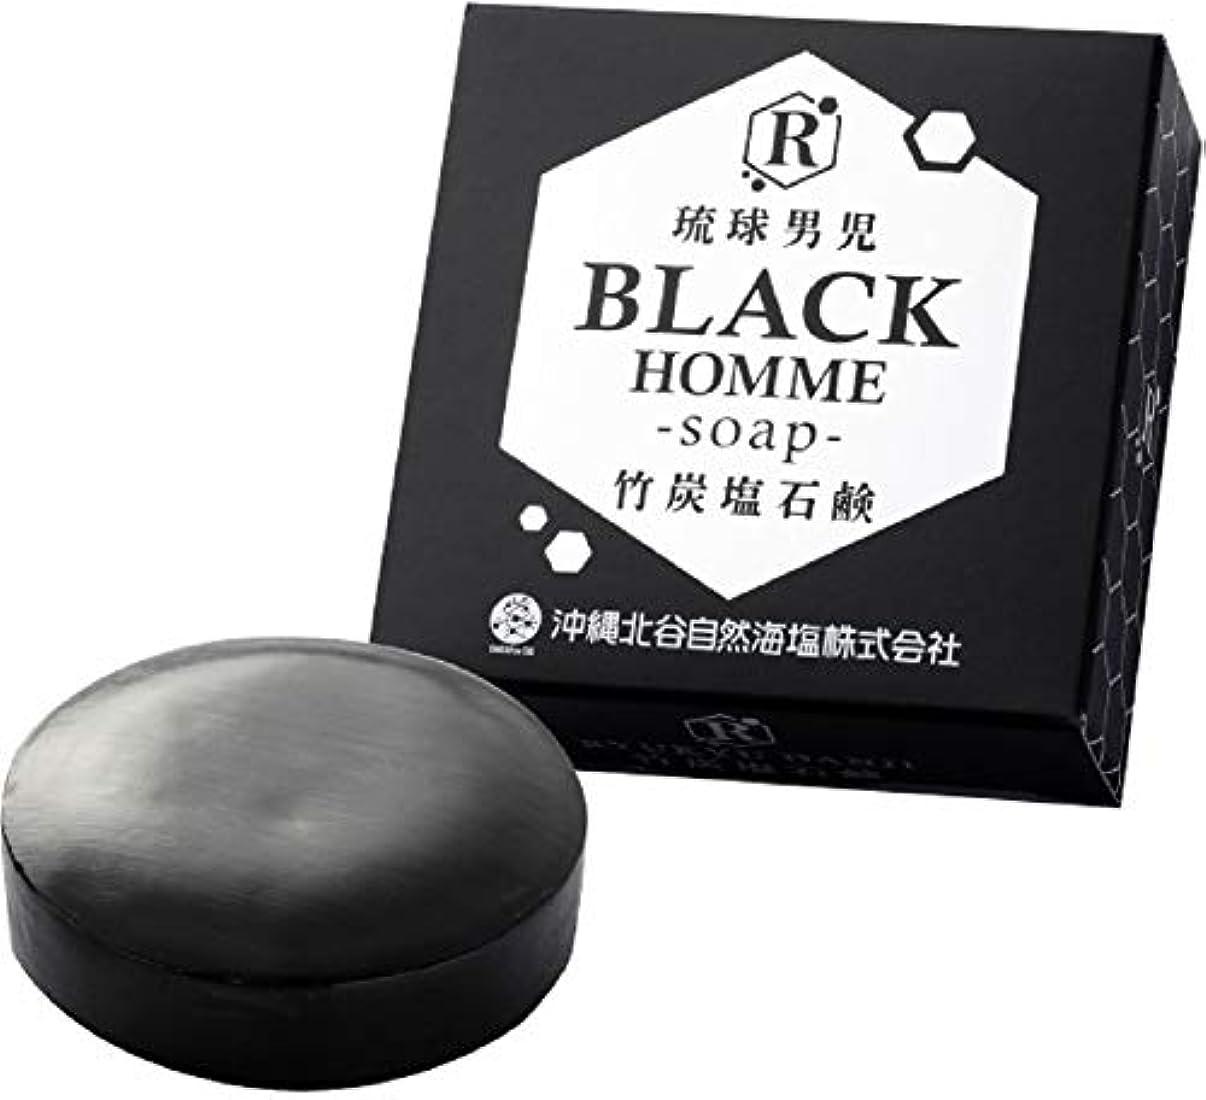 テーブルを設定するイソギンチャク分泌する【3個セット】琉球男児 竹炭塩石鹸 BLACK HOMME-soap- 60g 泡立てネット付き